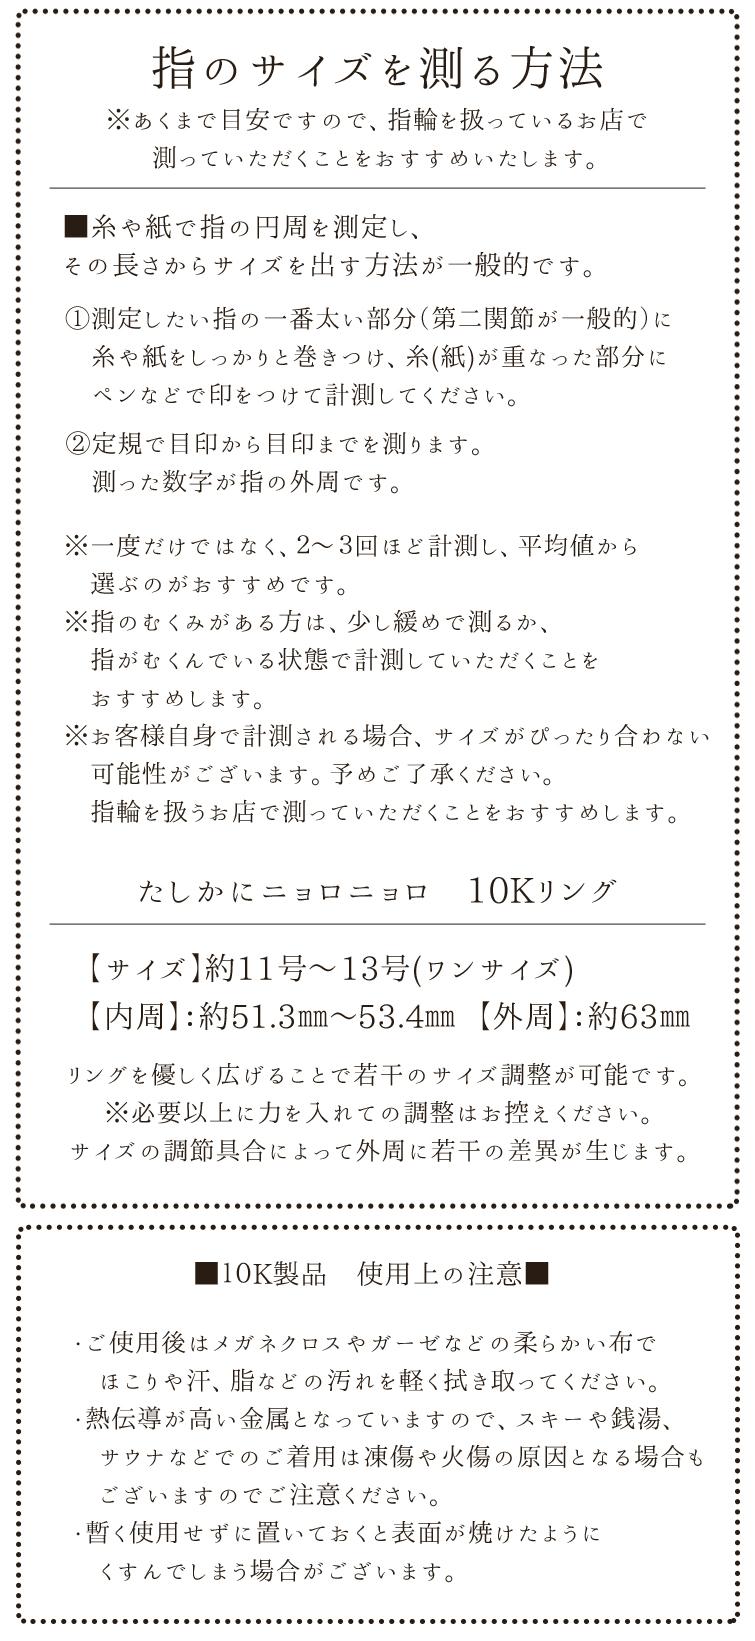 PEIKKO オリジナル ニョロニョロ  アクセサリー  10Kリング